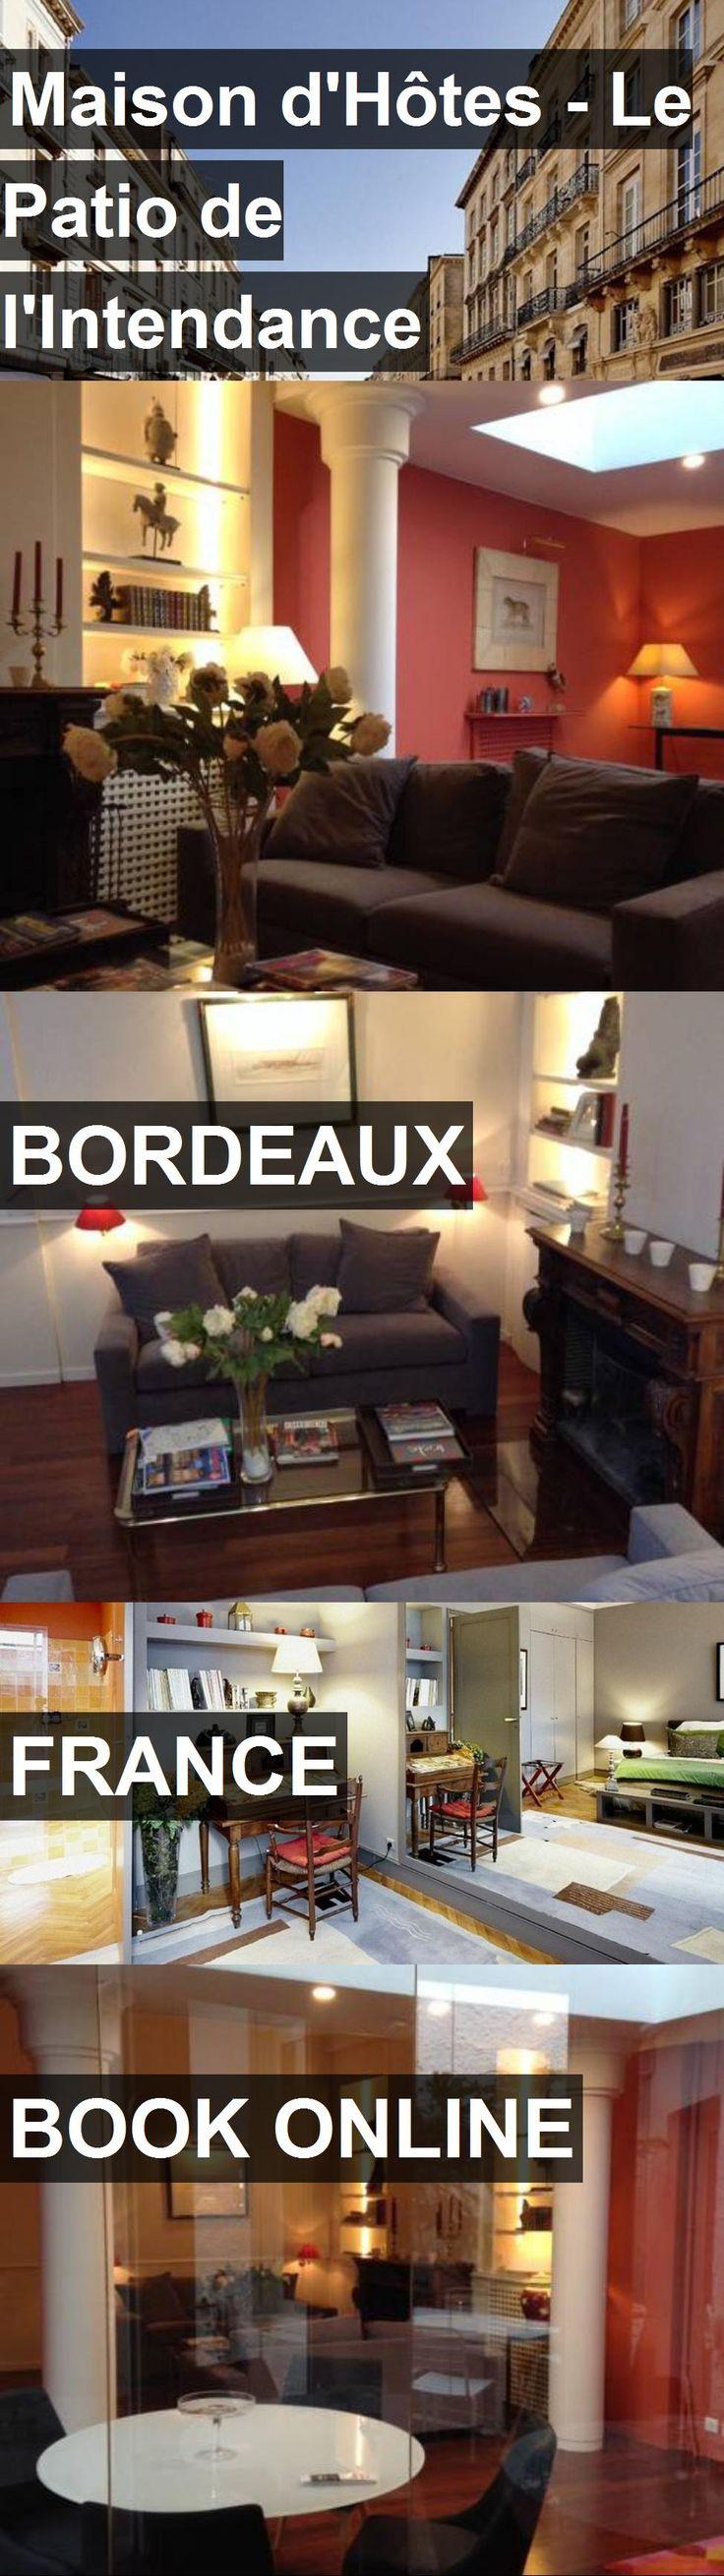 Hotel Maison d'Hôtes - Le Patio de l'Intendance in Bordeaux, France. For more information, photos, reviews and best prices please follow the link. #France #Bordeaux #travel #vacation #hotel